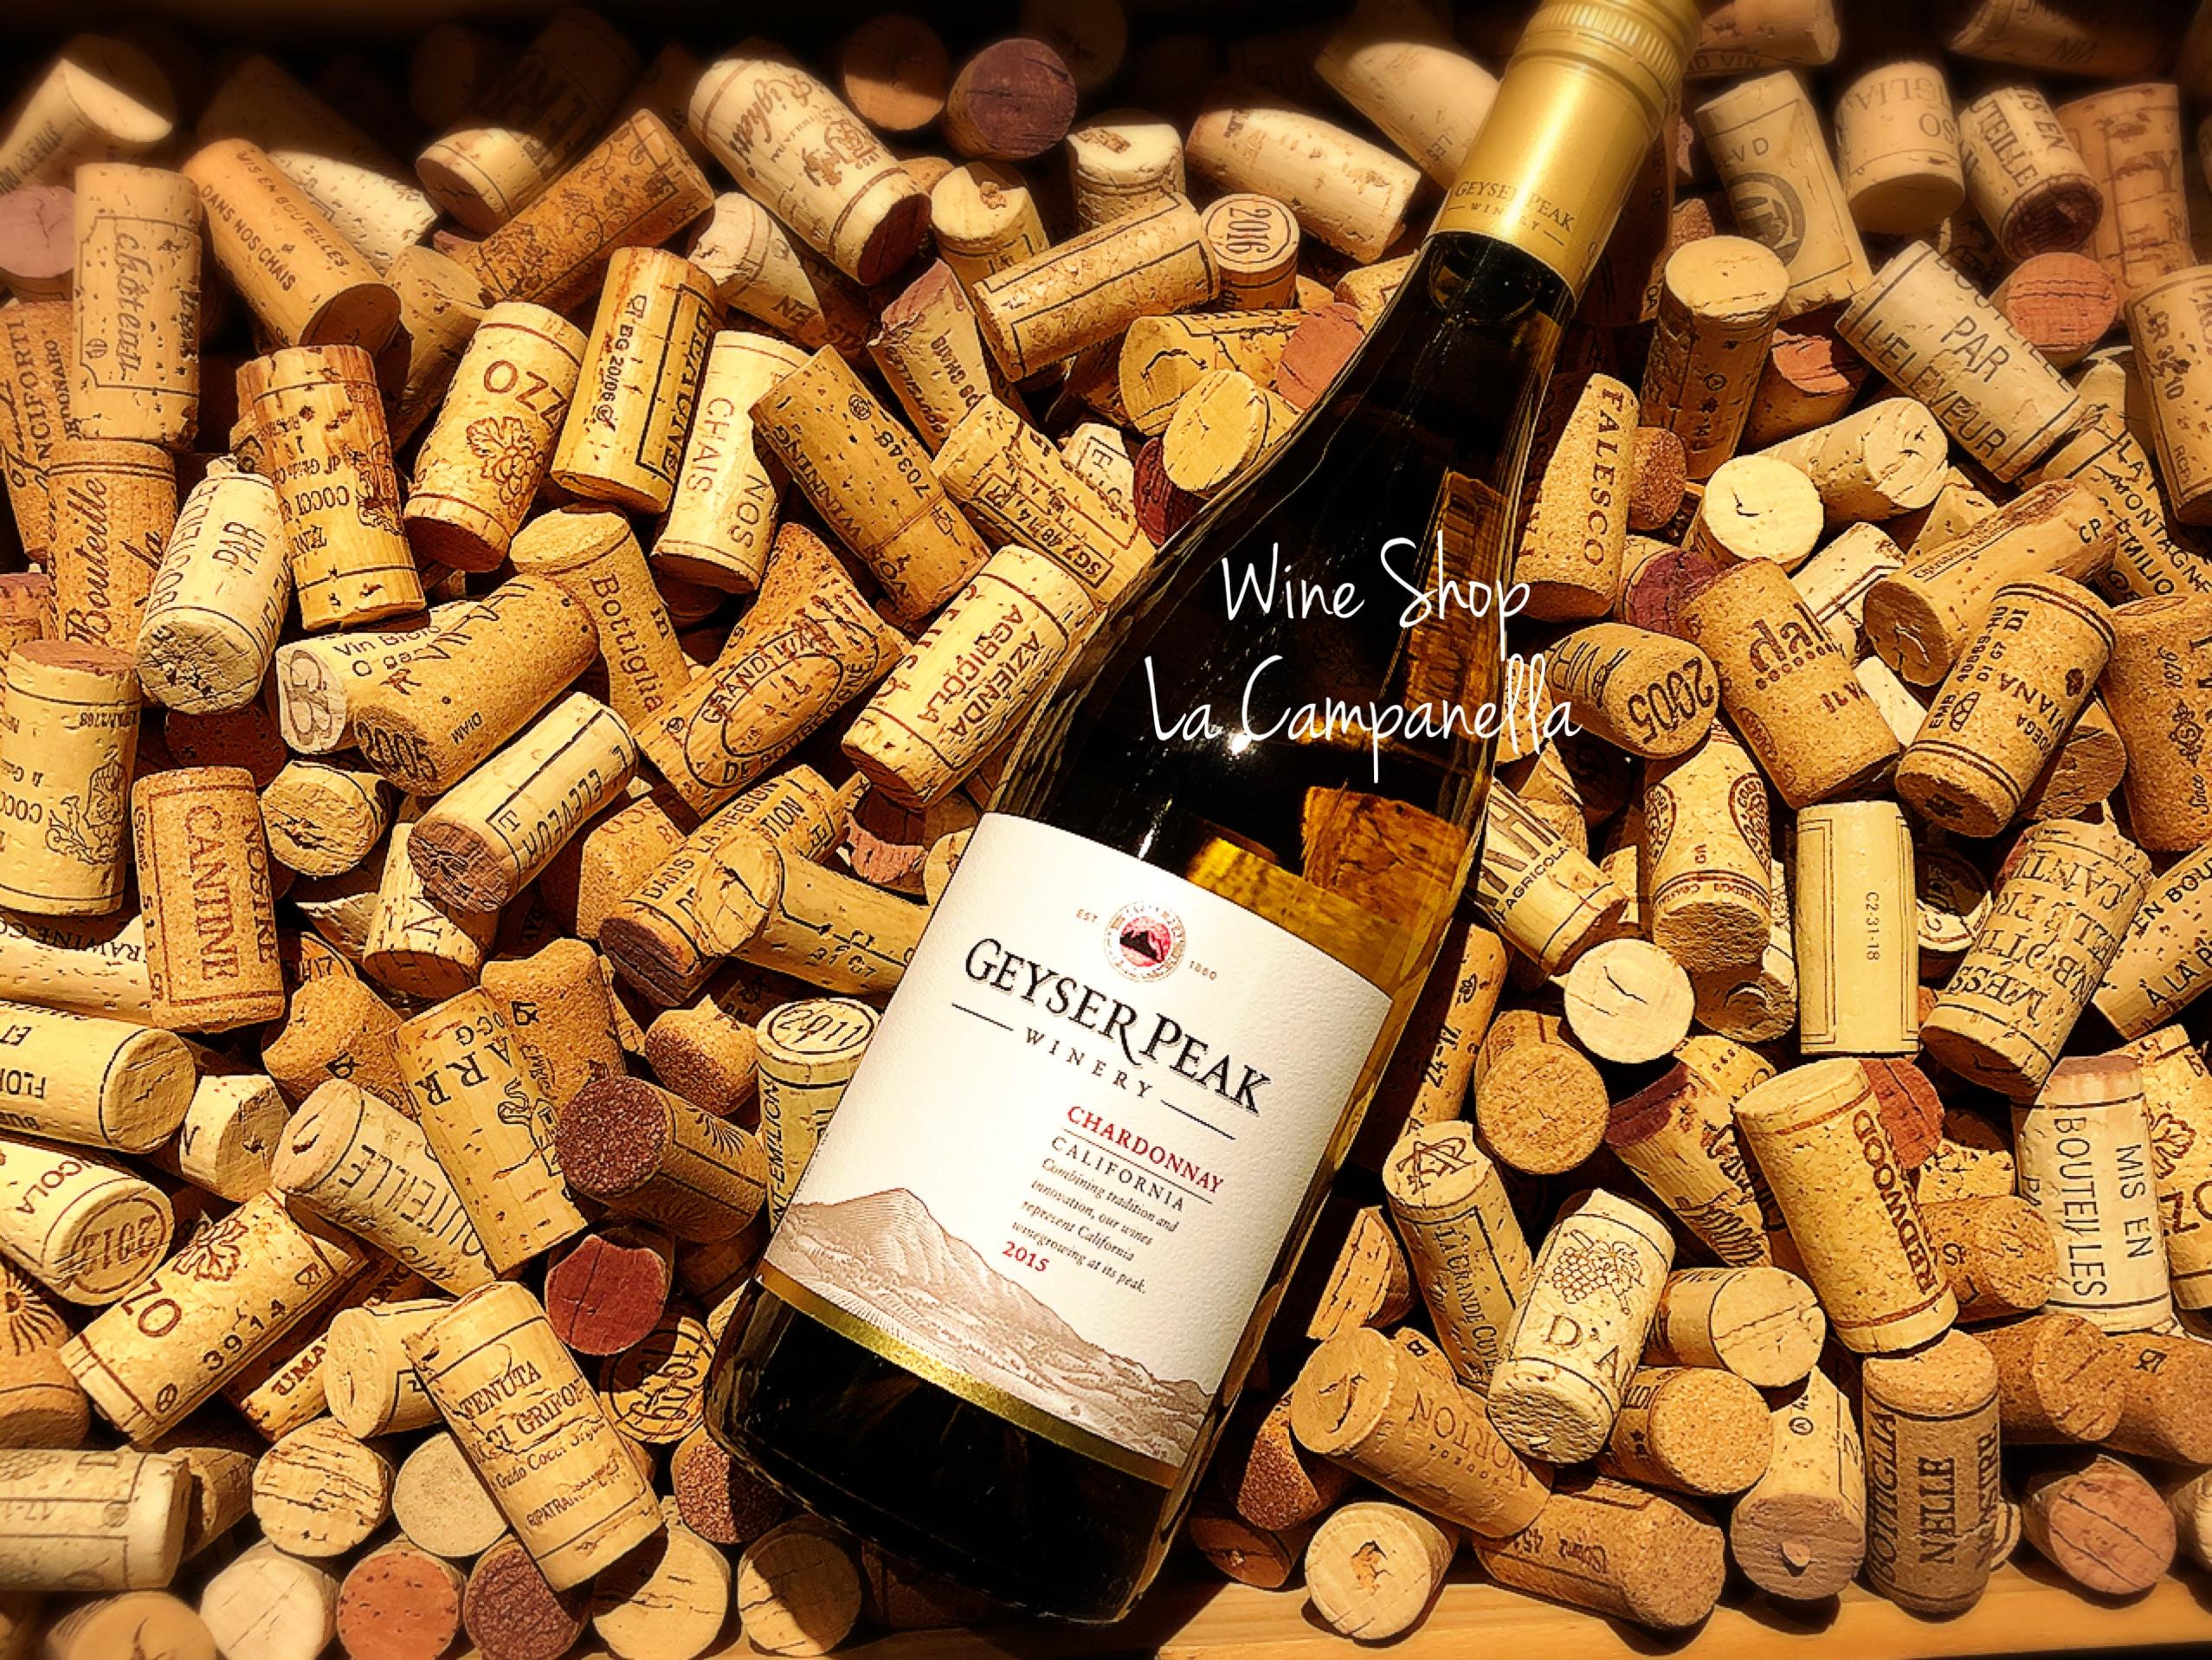 Geyserpeak Chardonnay